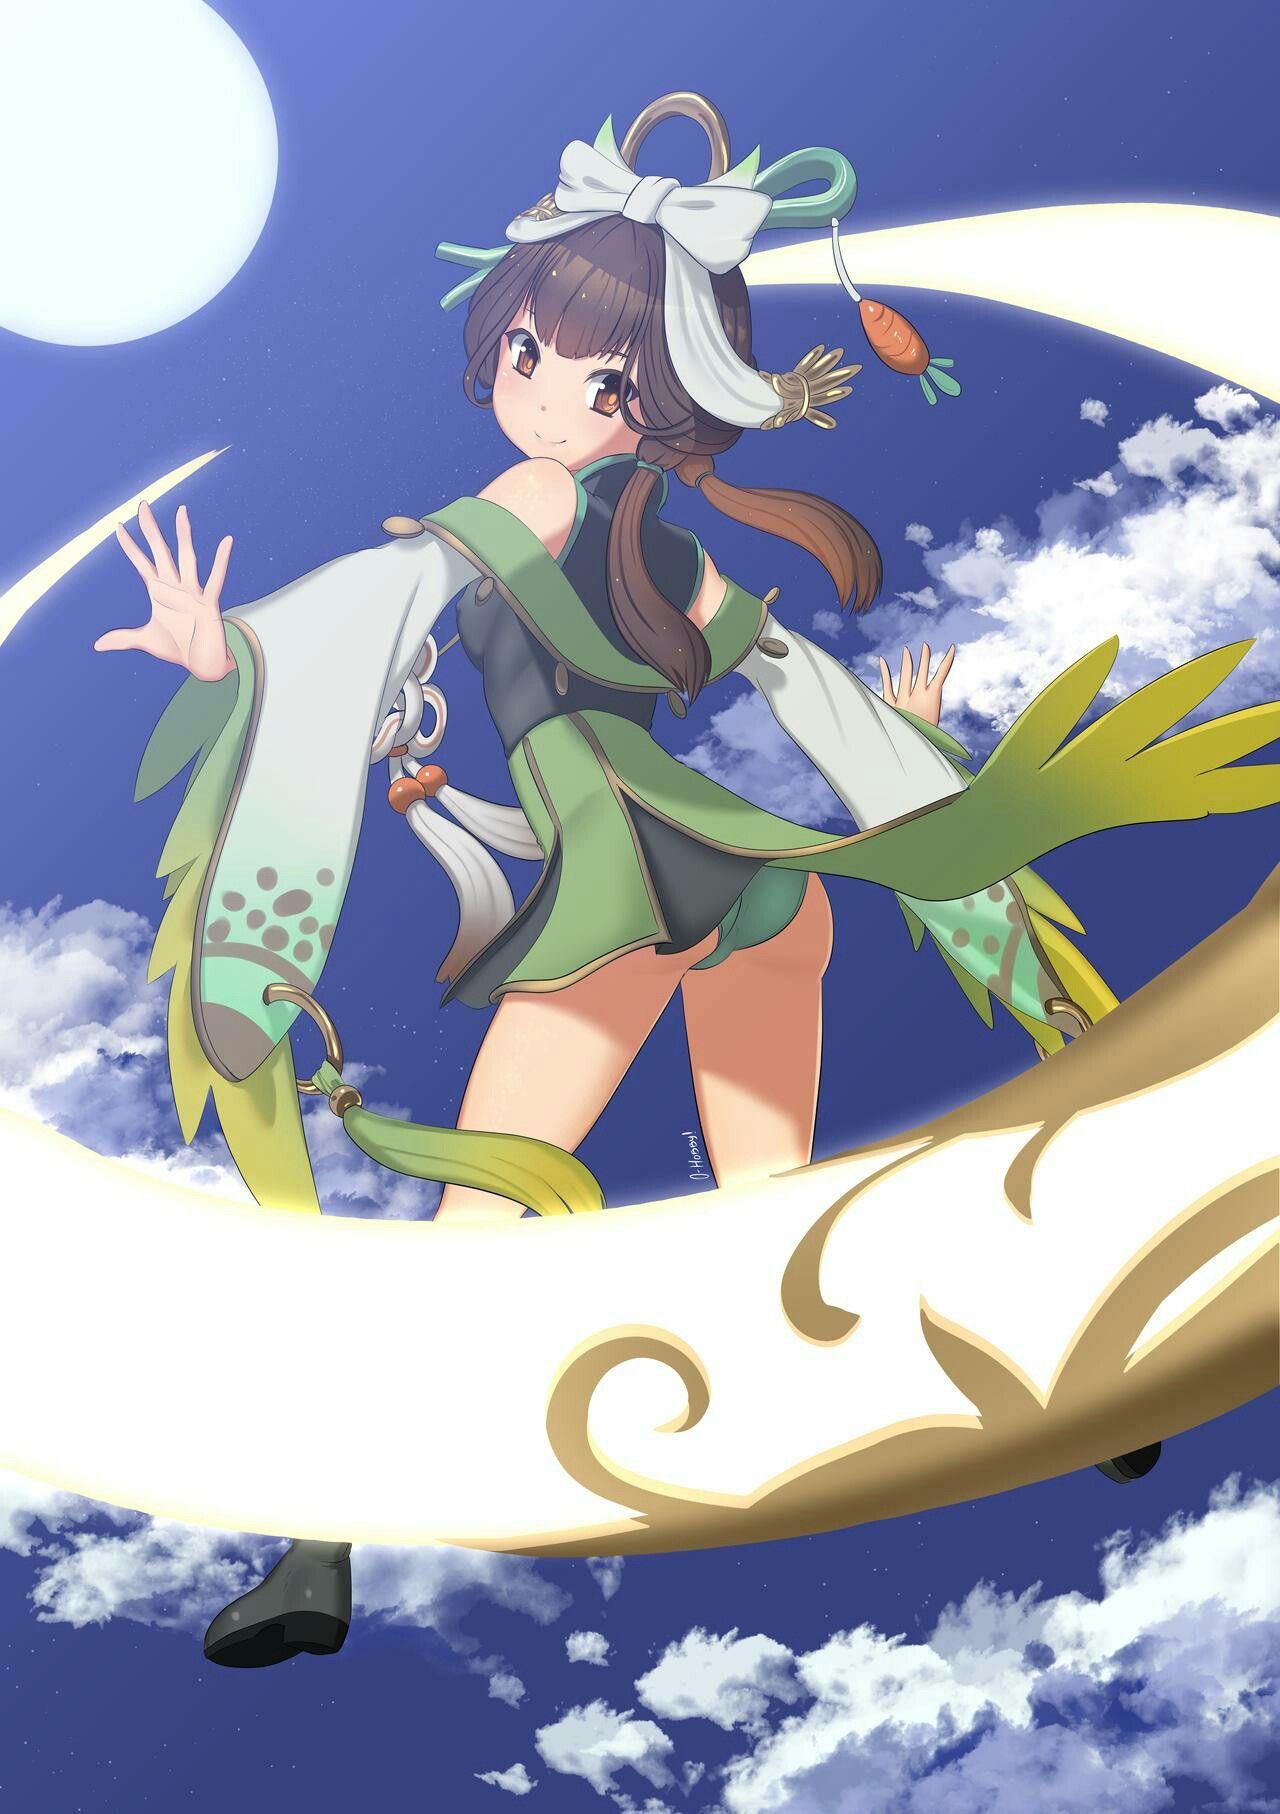 Gambar Seni anime oleh Ruby pada Mobile legends di 2020